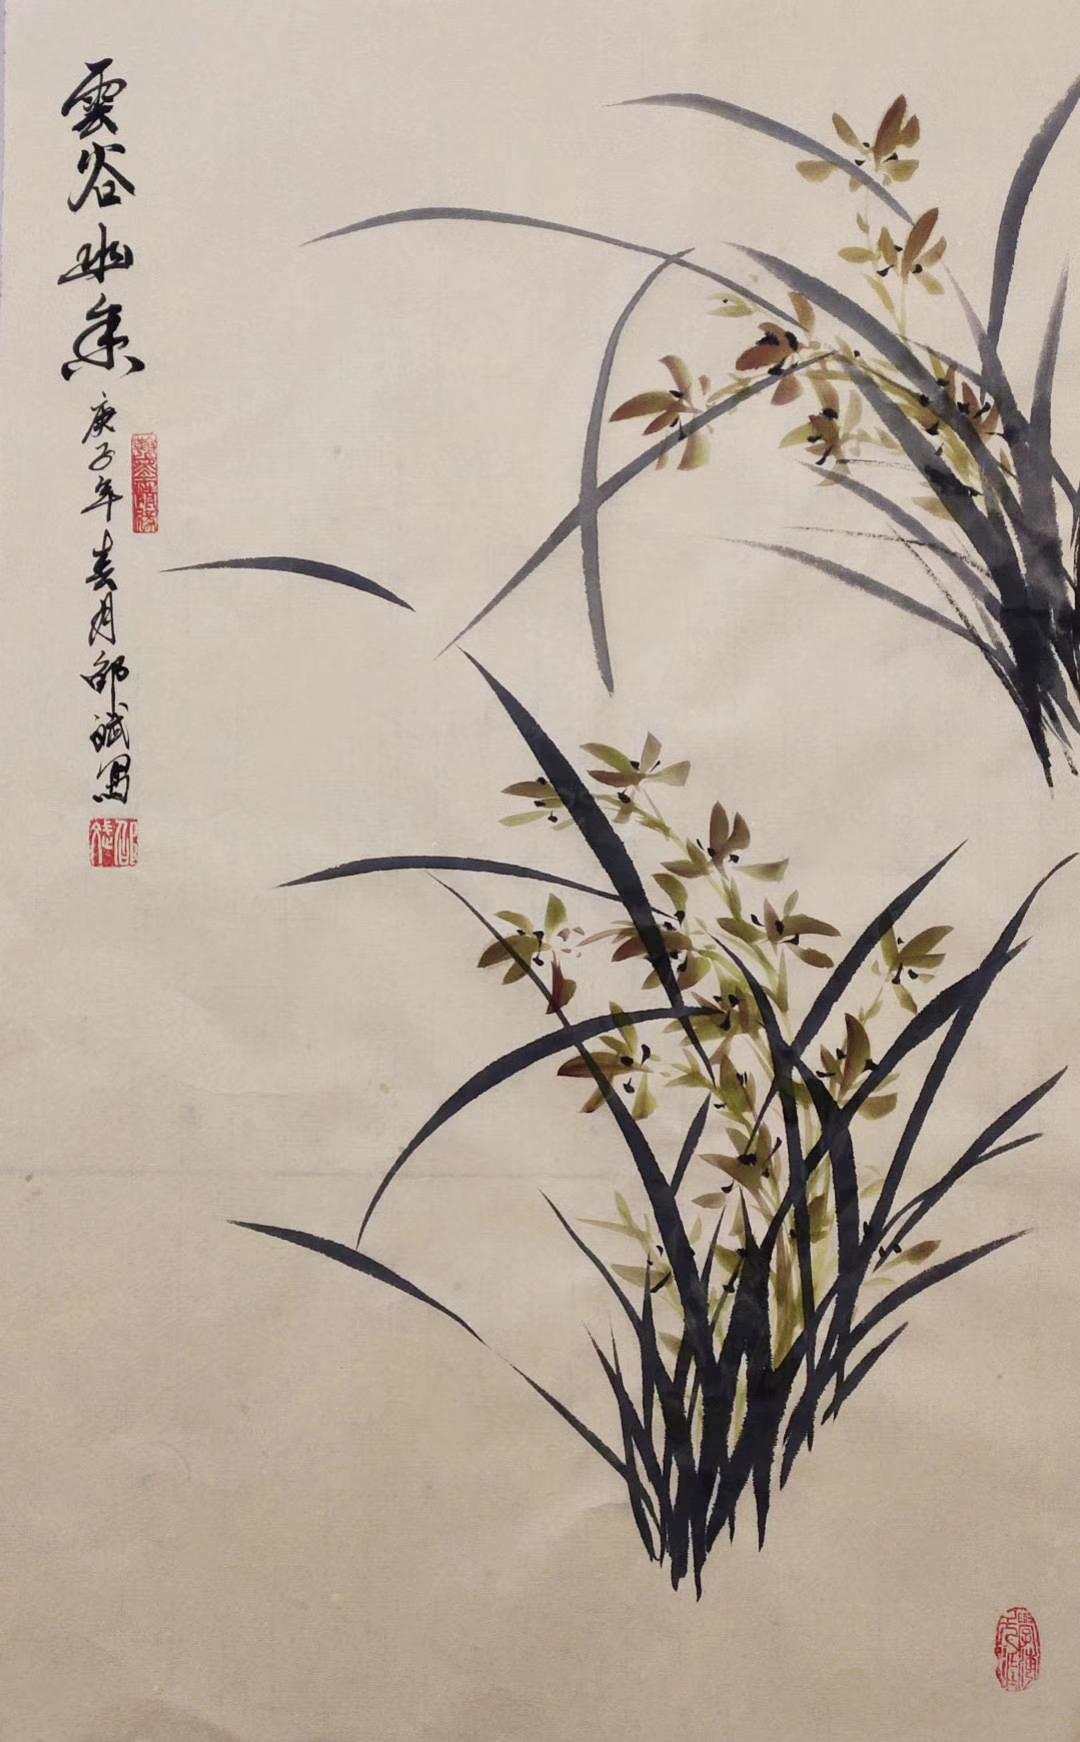 名家花鸟画 云谷幽兰 兰花花鸟画 庚子年春月